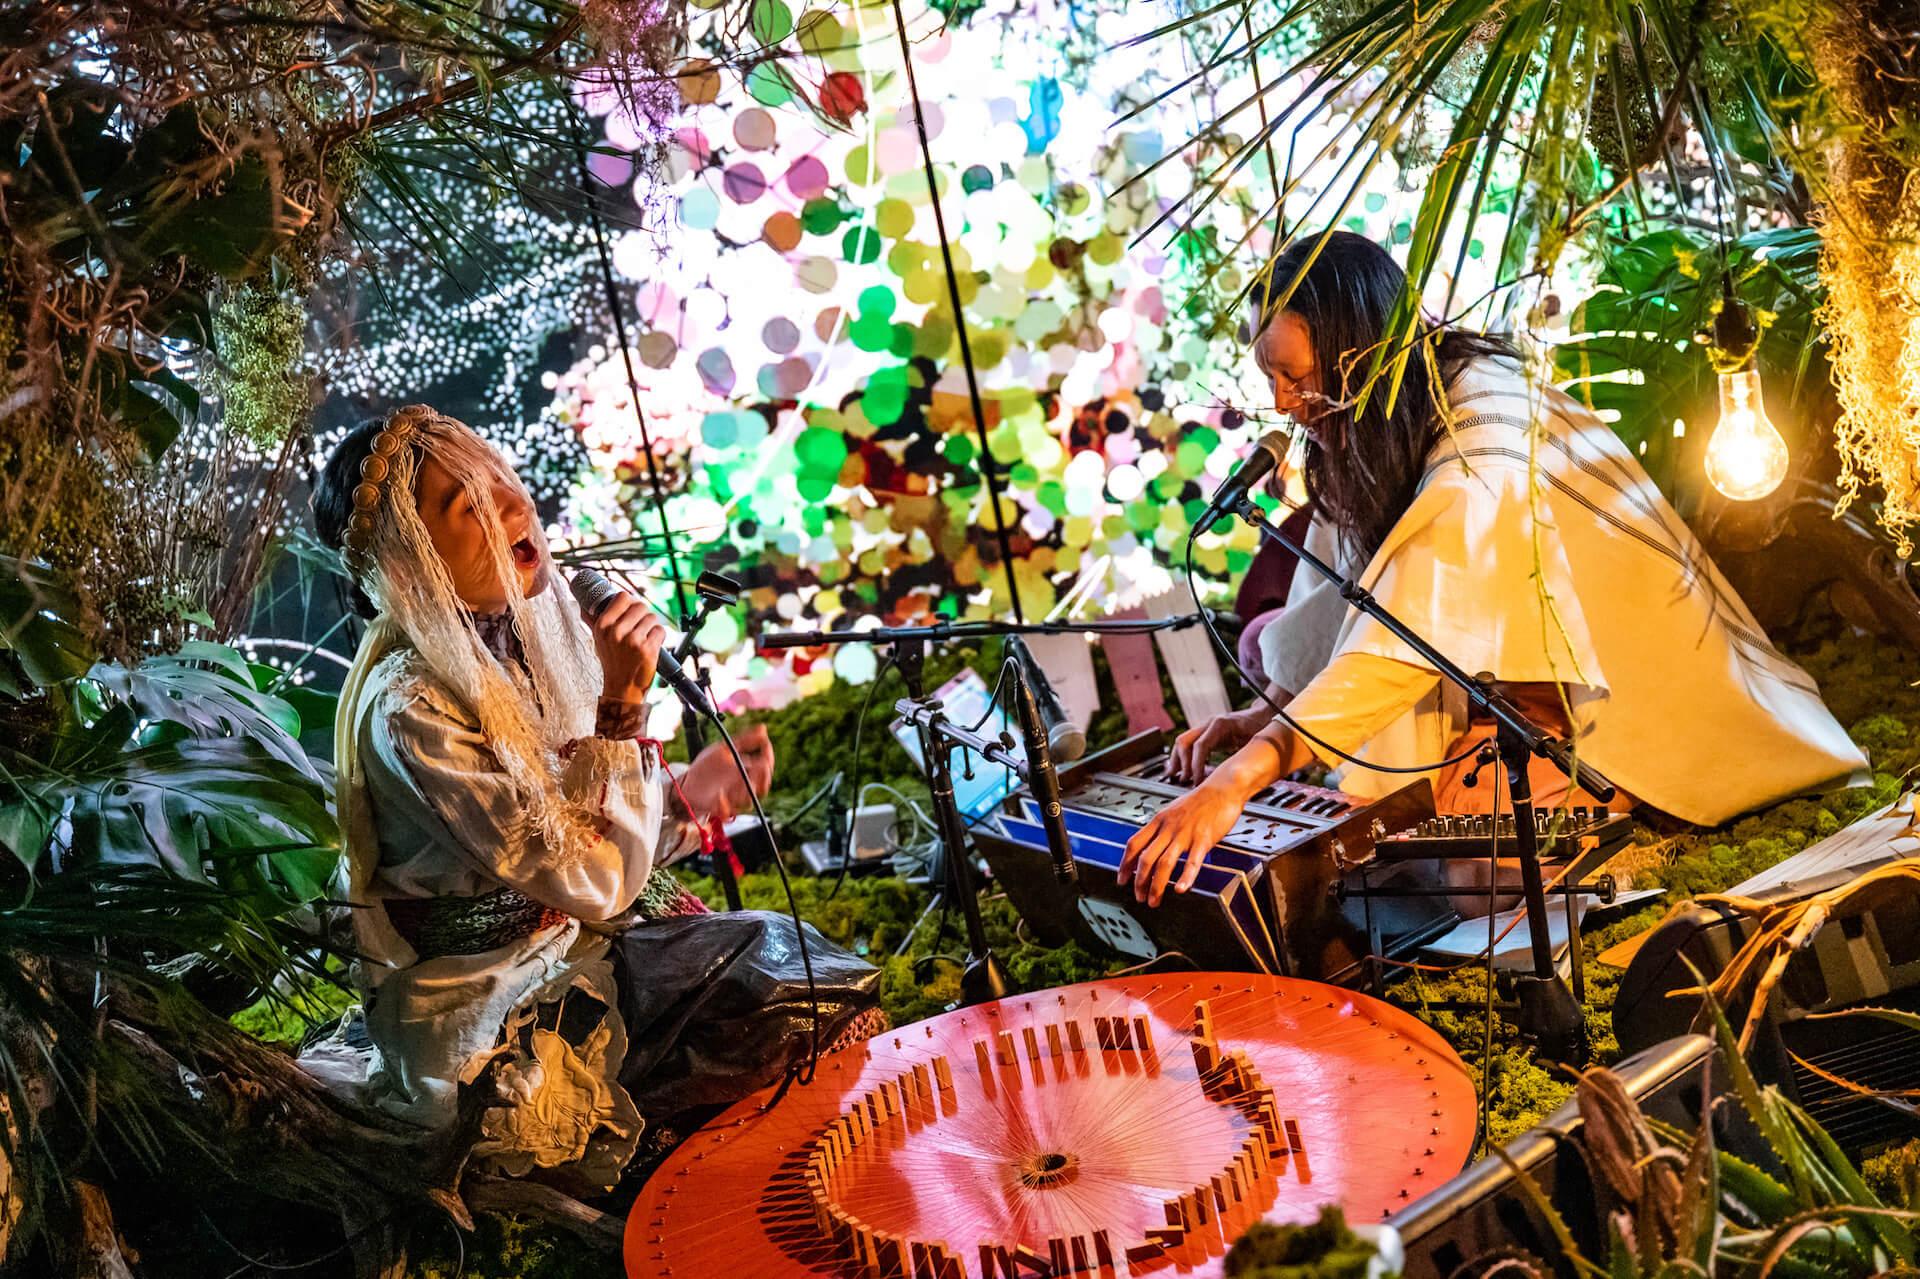 YAKUSHIMA TREASUREの死生観とポストコロナの表現|屋久島の原生林でのライヴ作品『ANOTHER LIVE』に迫る music210219_yakushimatreasure_28